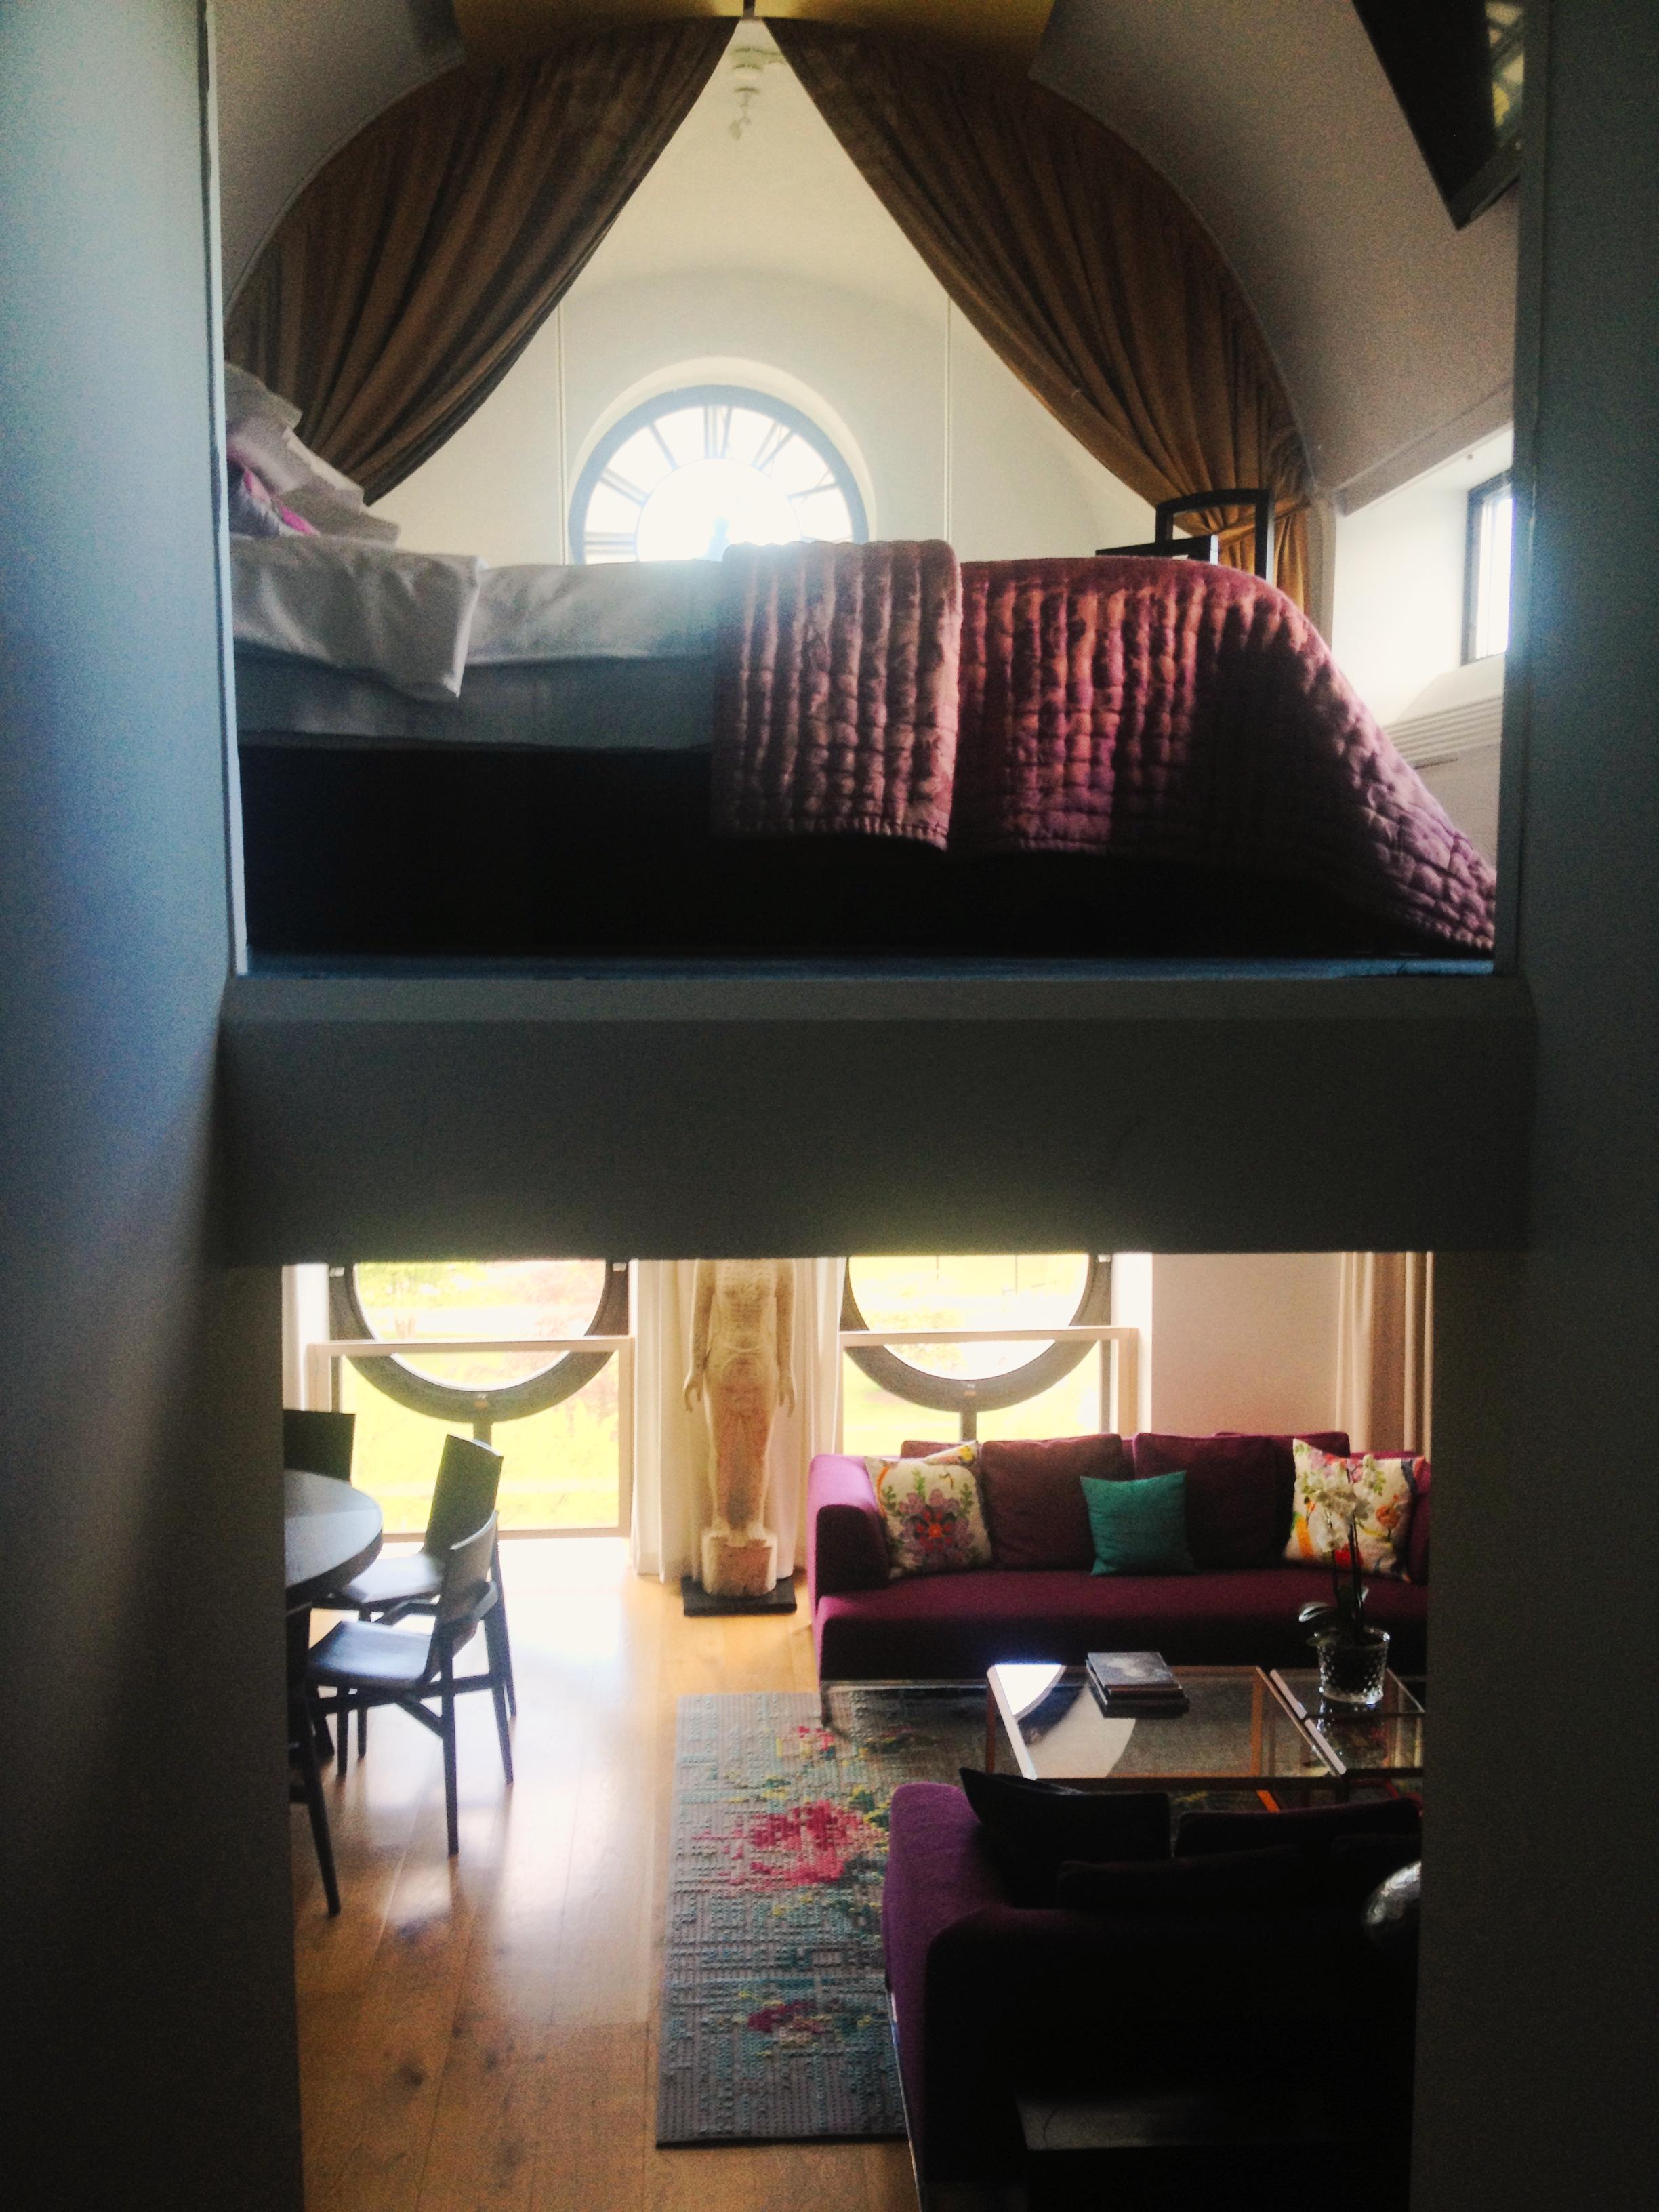 Suite de los relojes del Berns hotel - Foto: Israel Úbeda / sweetsweden.com